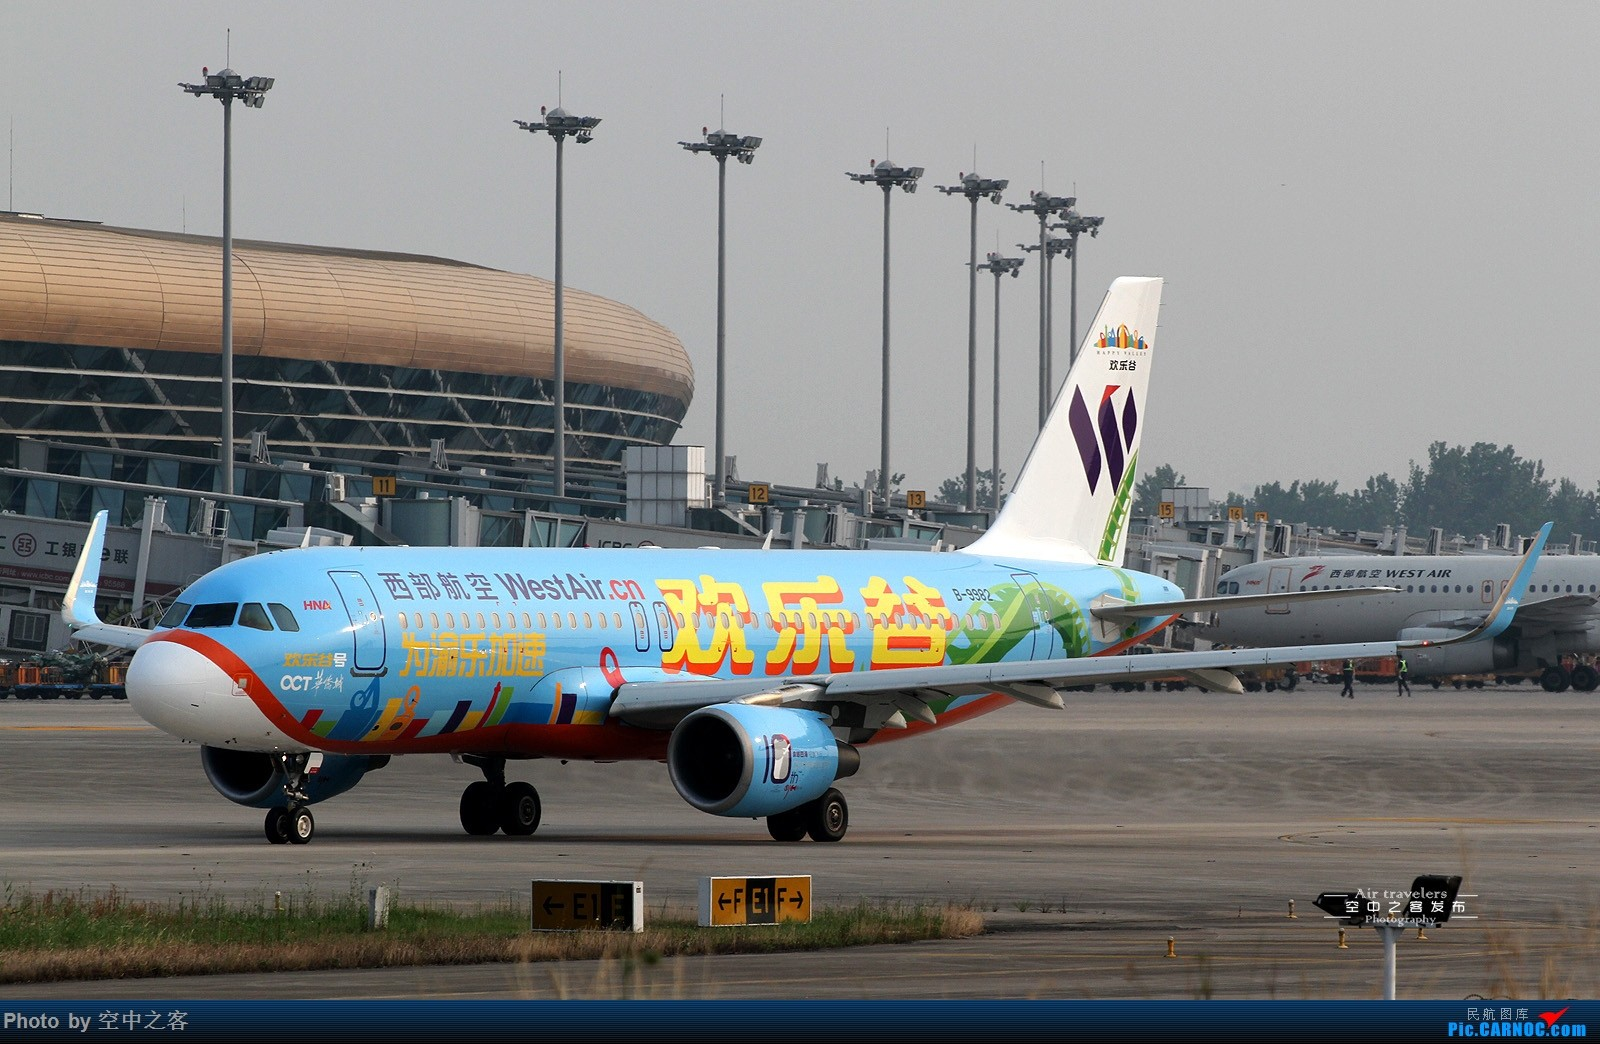 """Re:[原创][合肥飞友会·霸都打机队]空中之客发布 """"欢乐谷""""新涂来了 小彩绘聚会新机场 AIRBUS A320-200 B-9982 合肥新桥国际机场"""